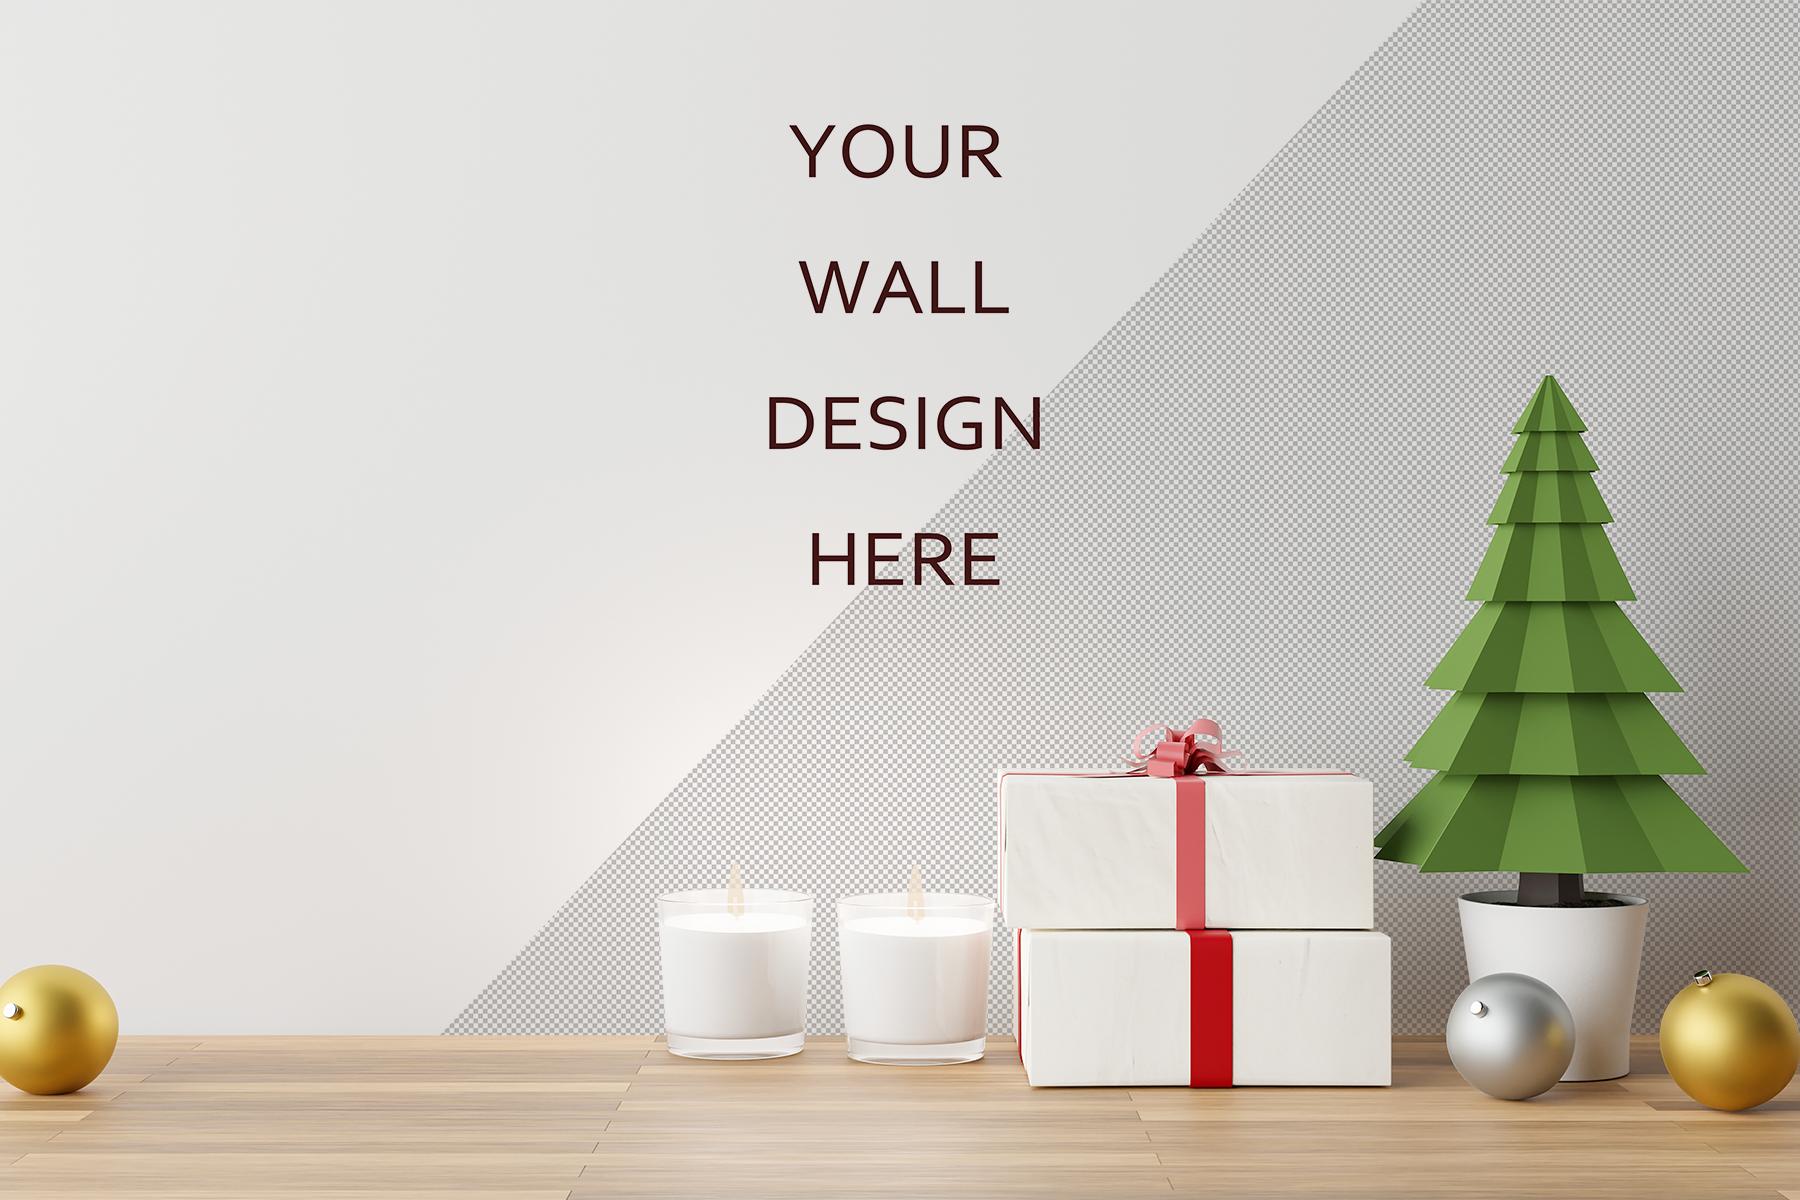 Free Christmas Wall Decal Mockup